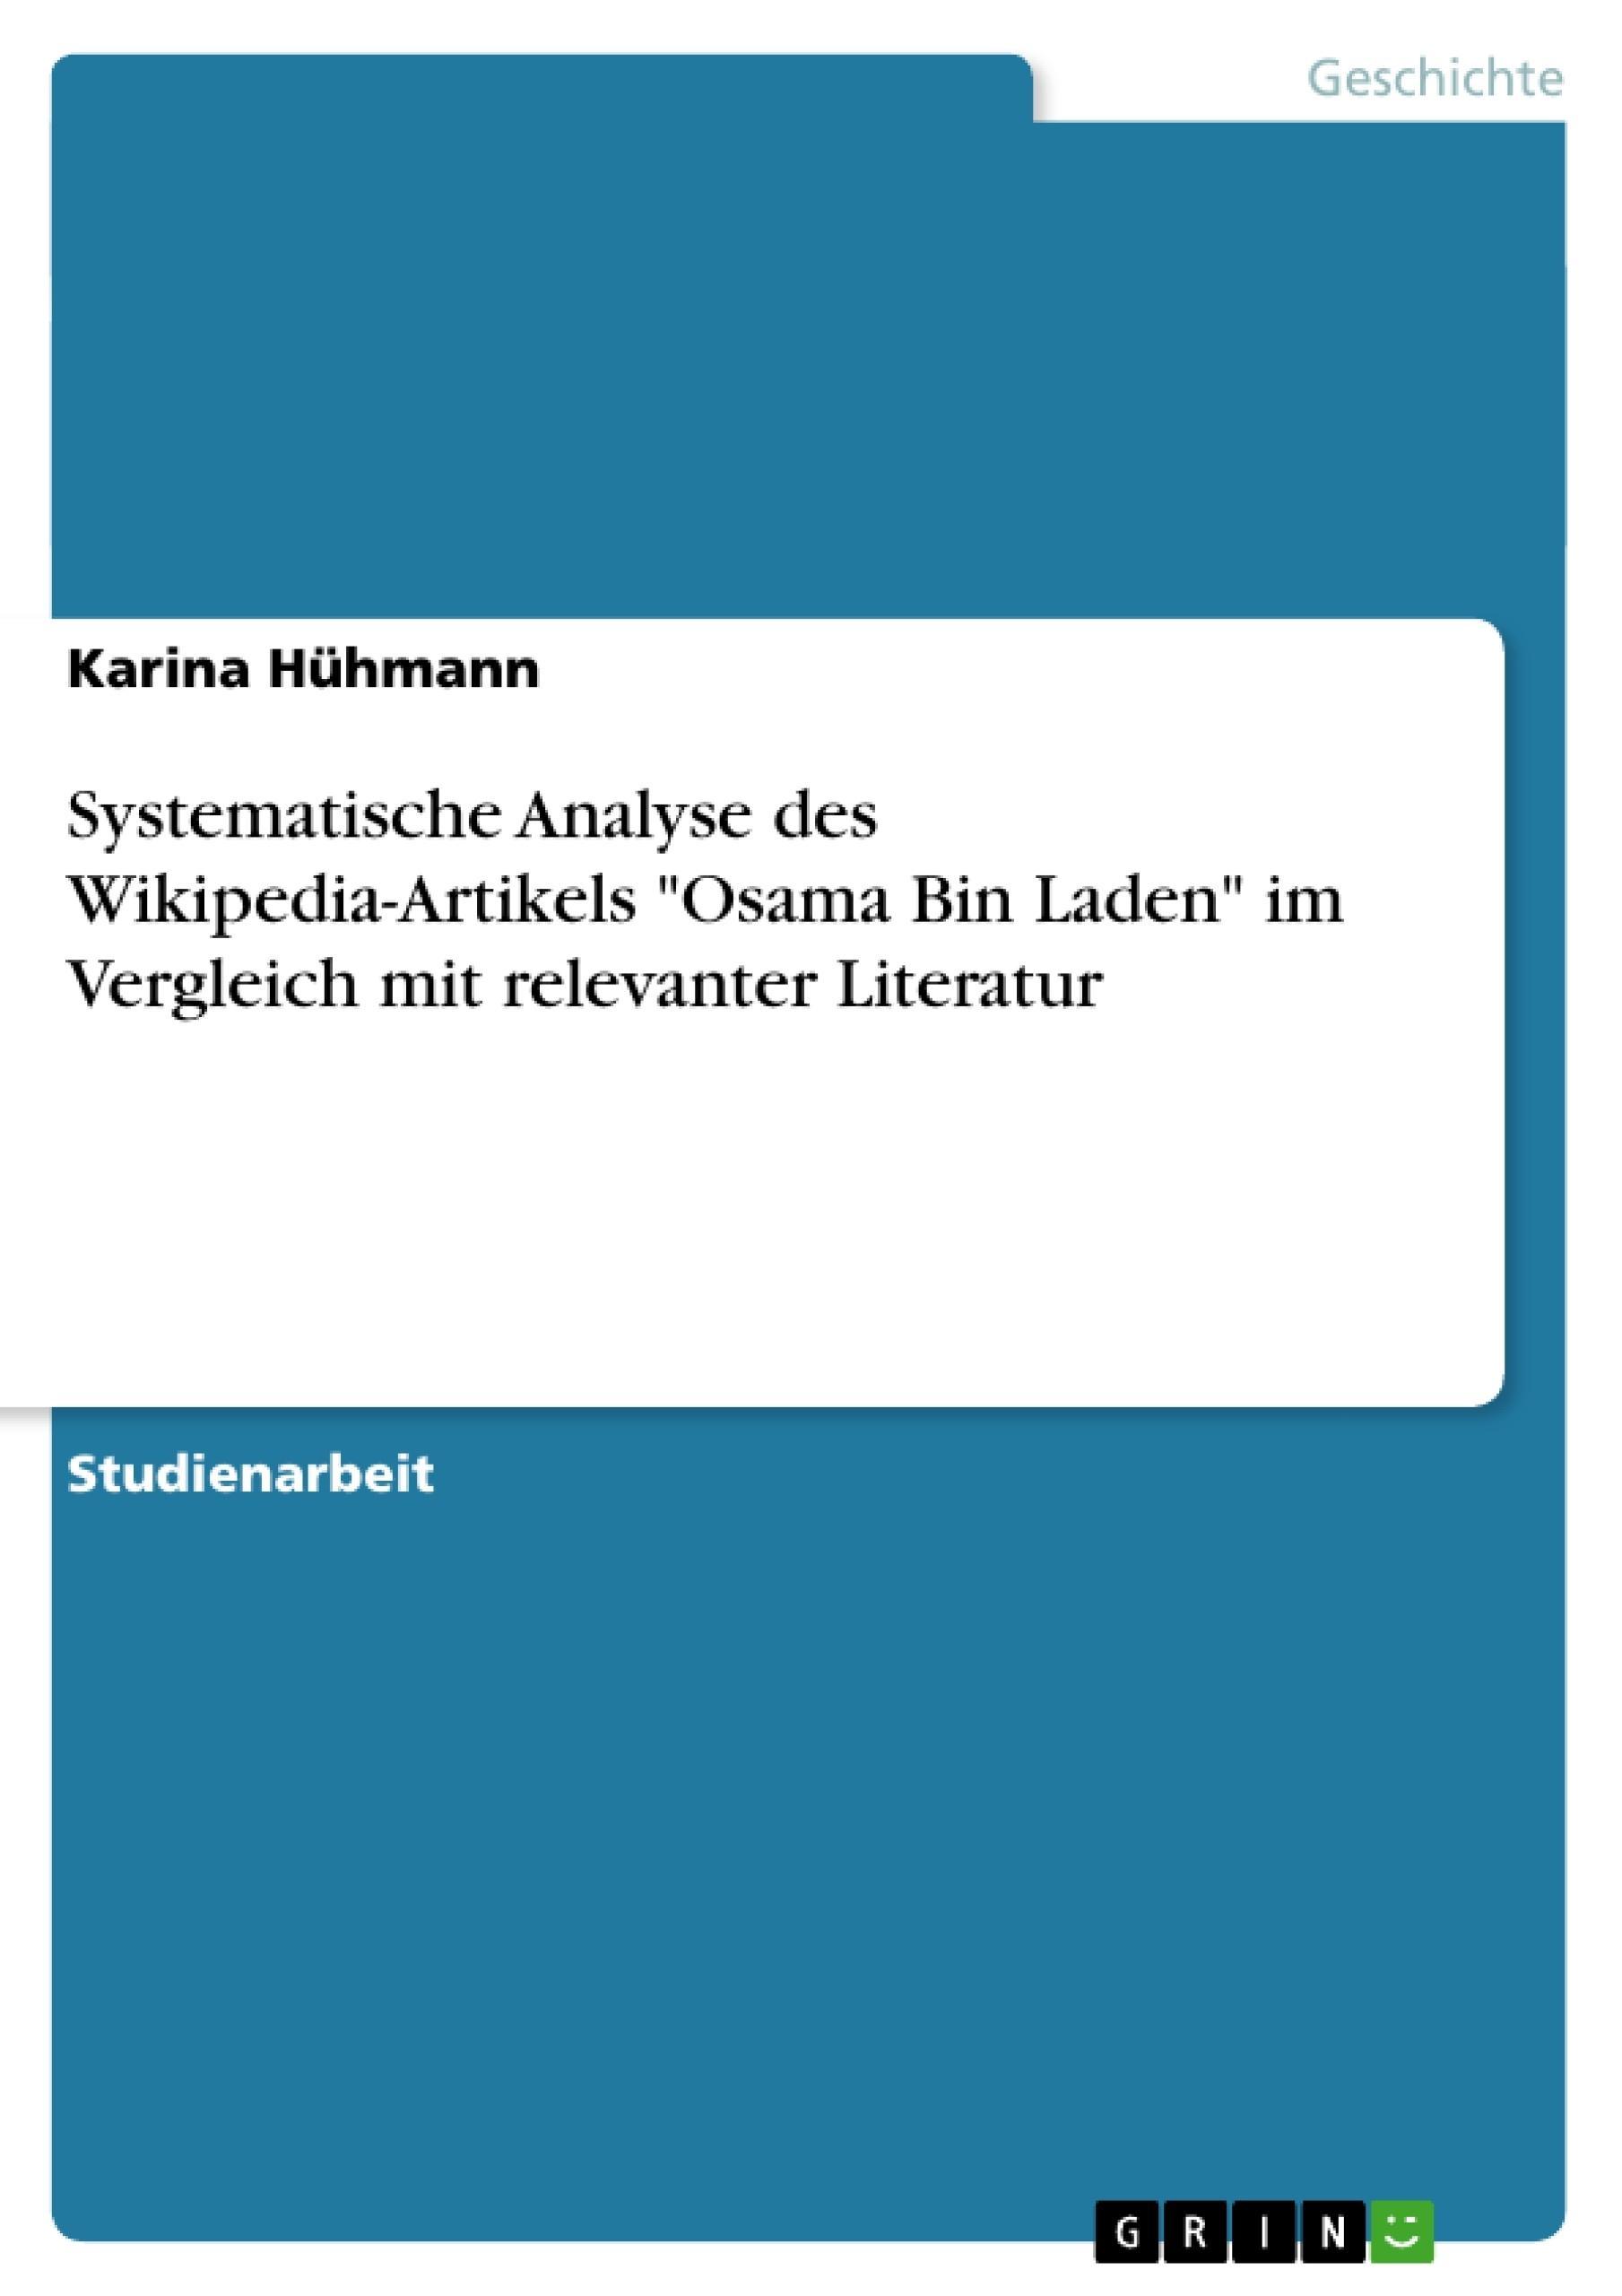 """Titel: Systematische Analyse des Wikipedia-Artikels """"Osama Bin Laden"""" im Vergleich mit relevanter Literatur"""